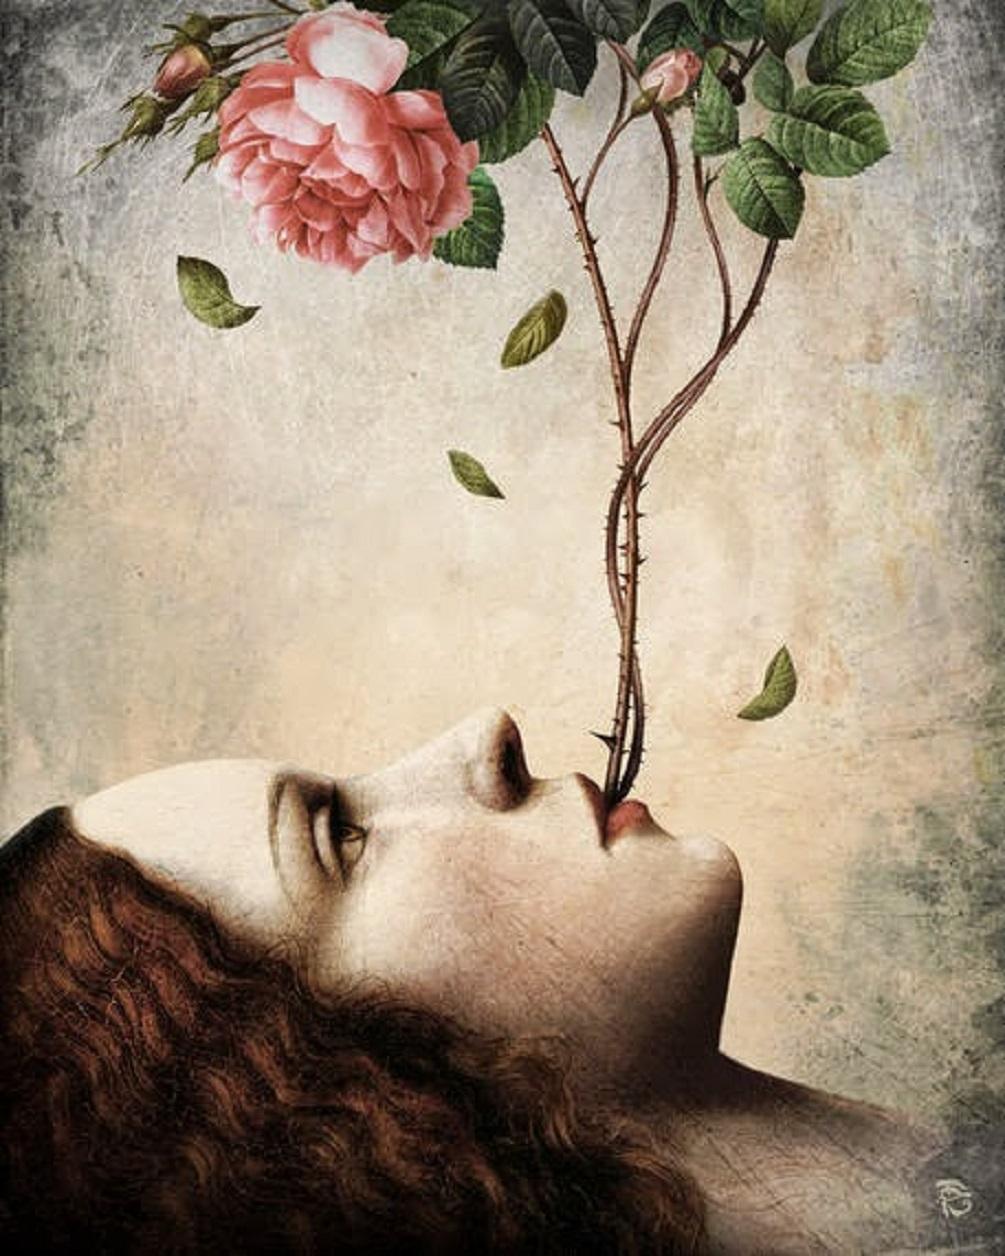 christian-schloe-she-spoke-roses-austrian-surrealist-digital-painter-tuttart-6